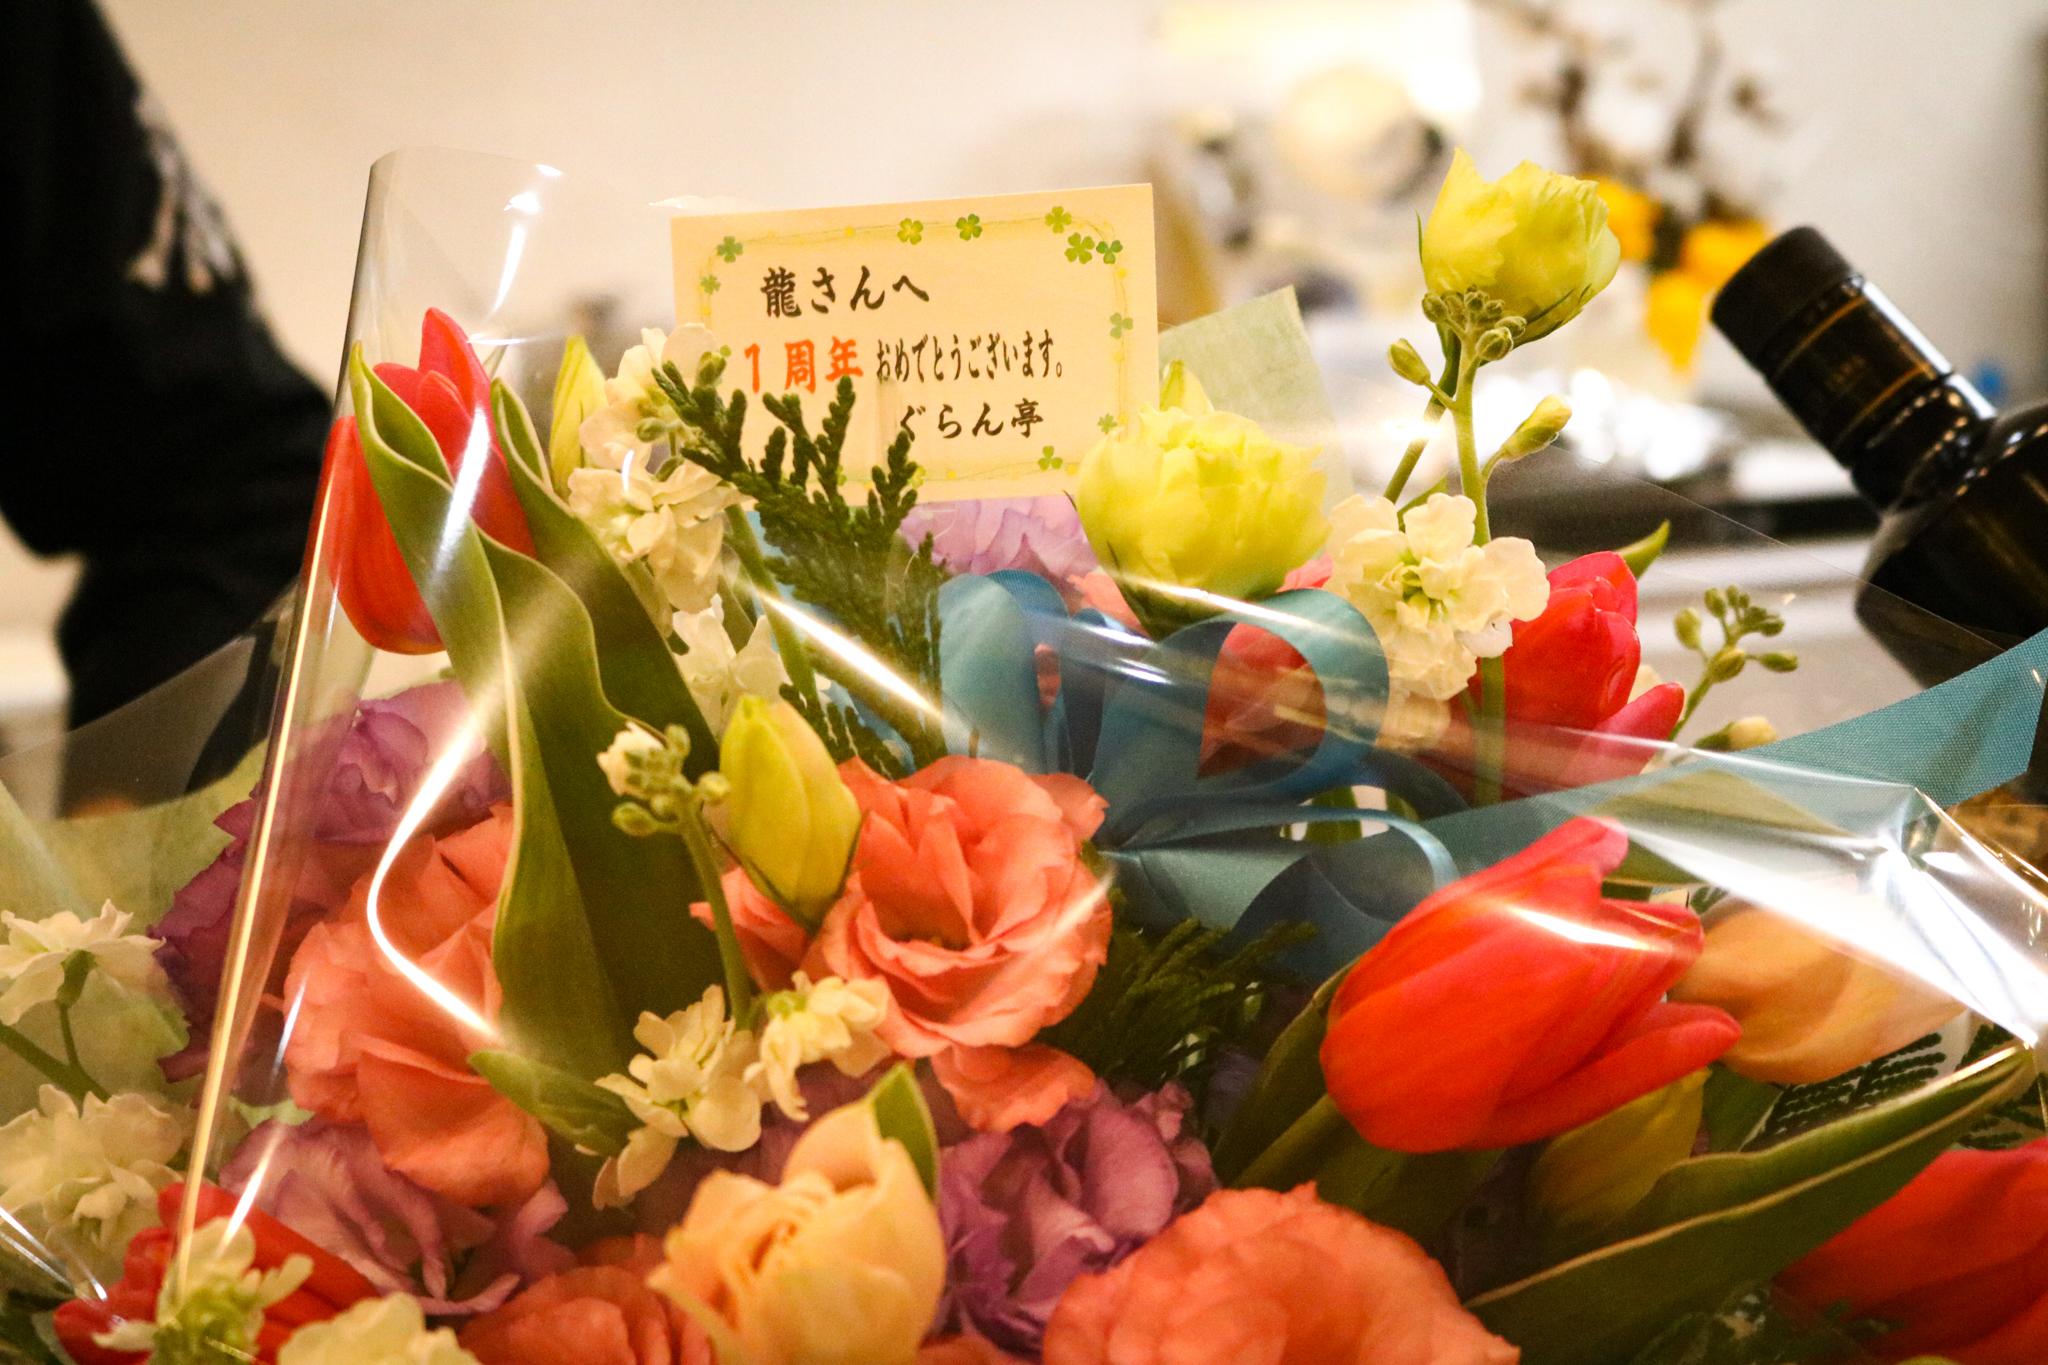 龍さん開店1周年おめでとうございます